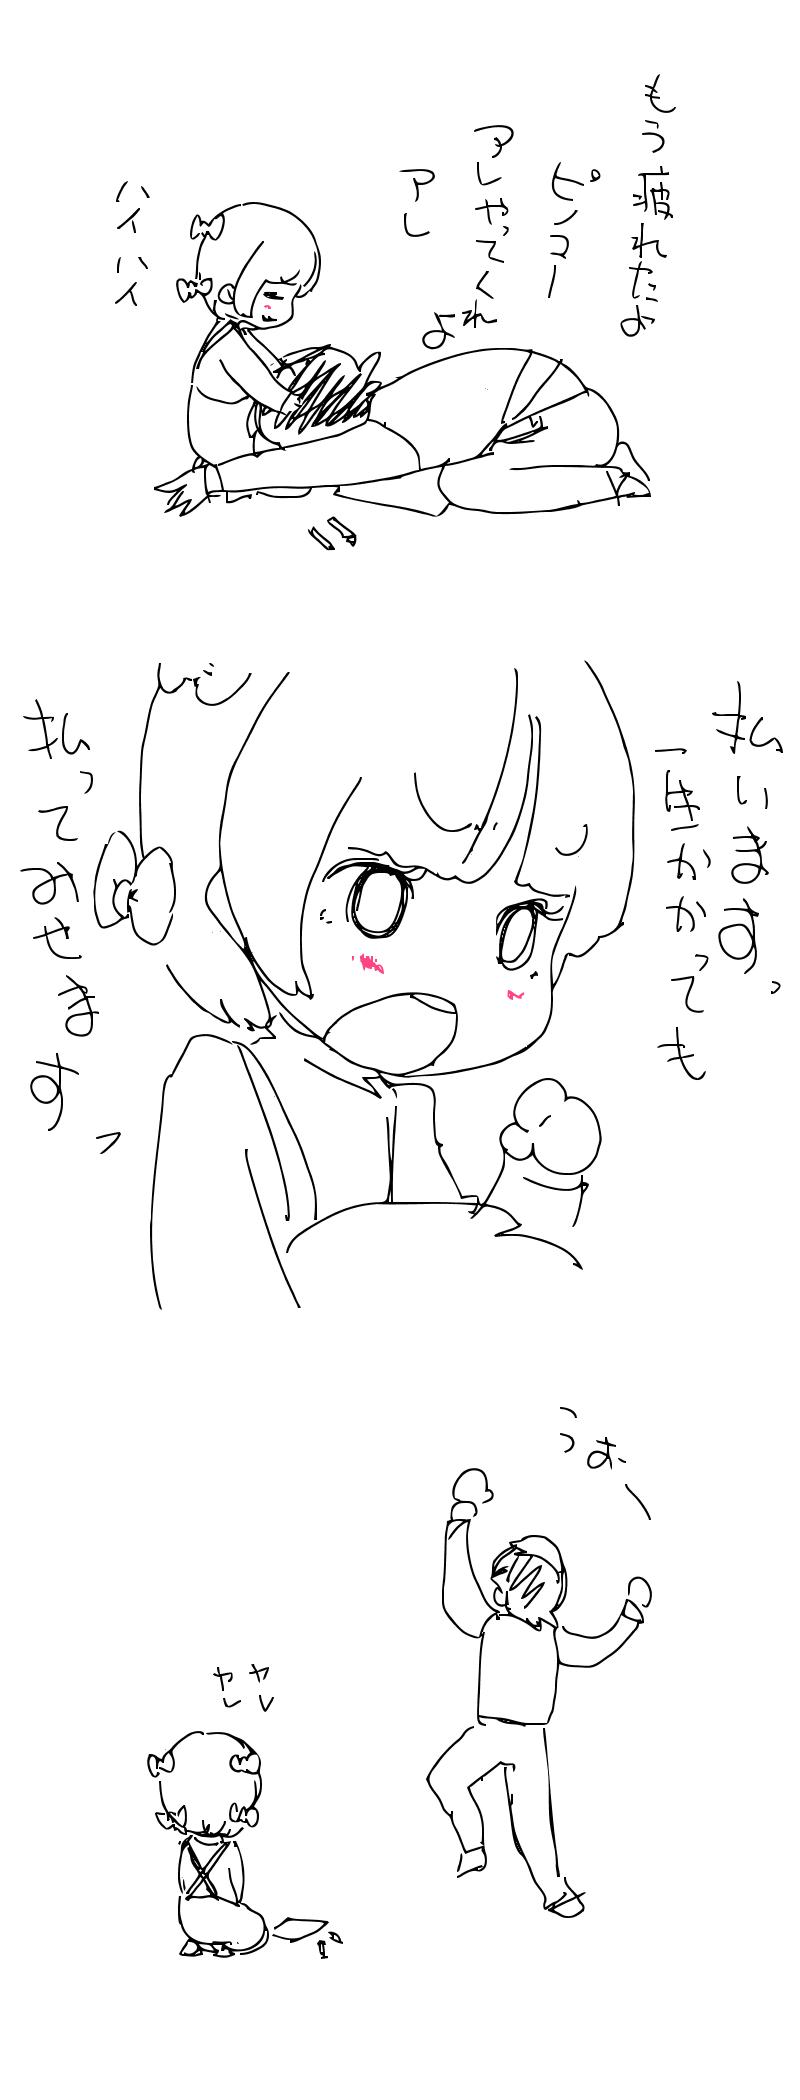 kikitagaru_0.png